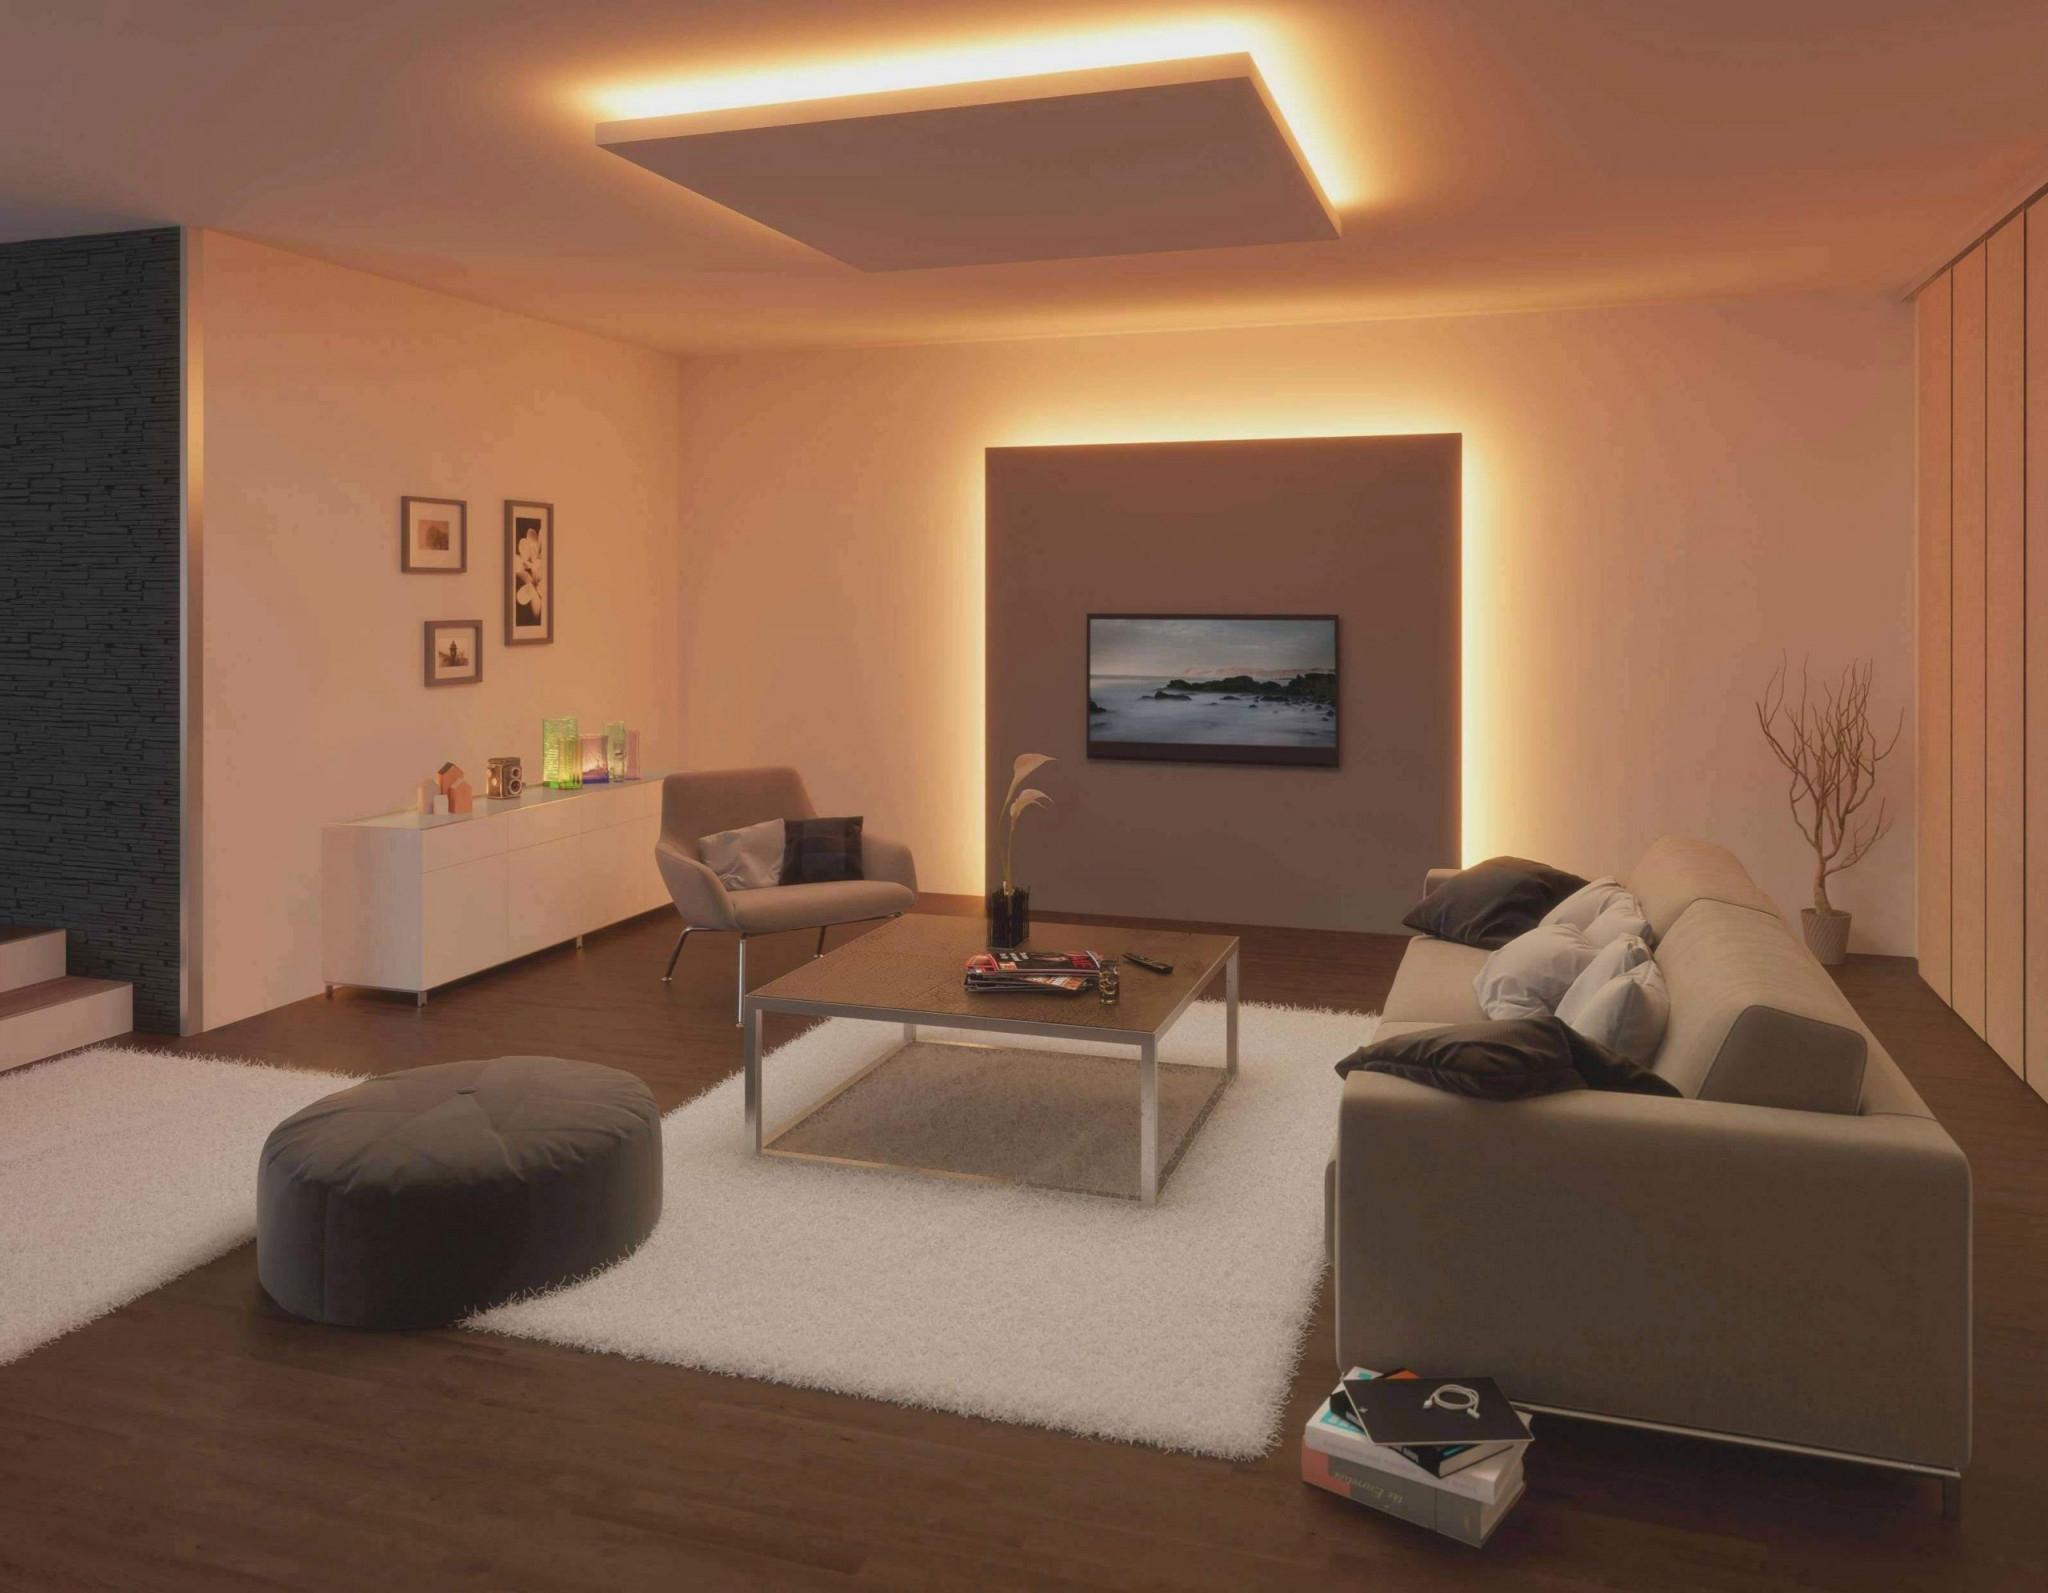 36 Schön Wohnzimmer Ideen Grau Einzigartig  Wohnzimmer Frisch von Wohnzimmer Stil Ideen Bild